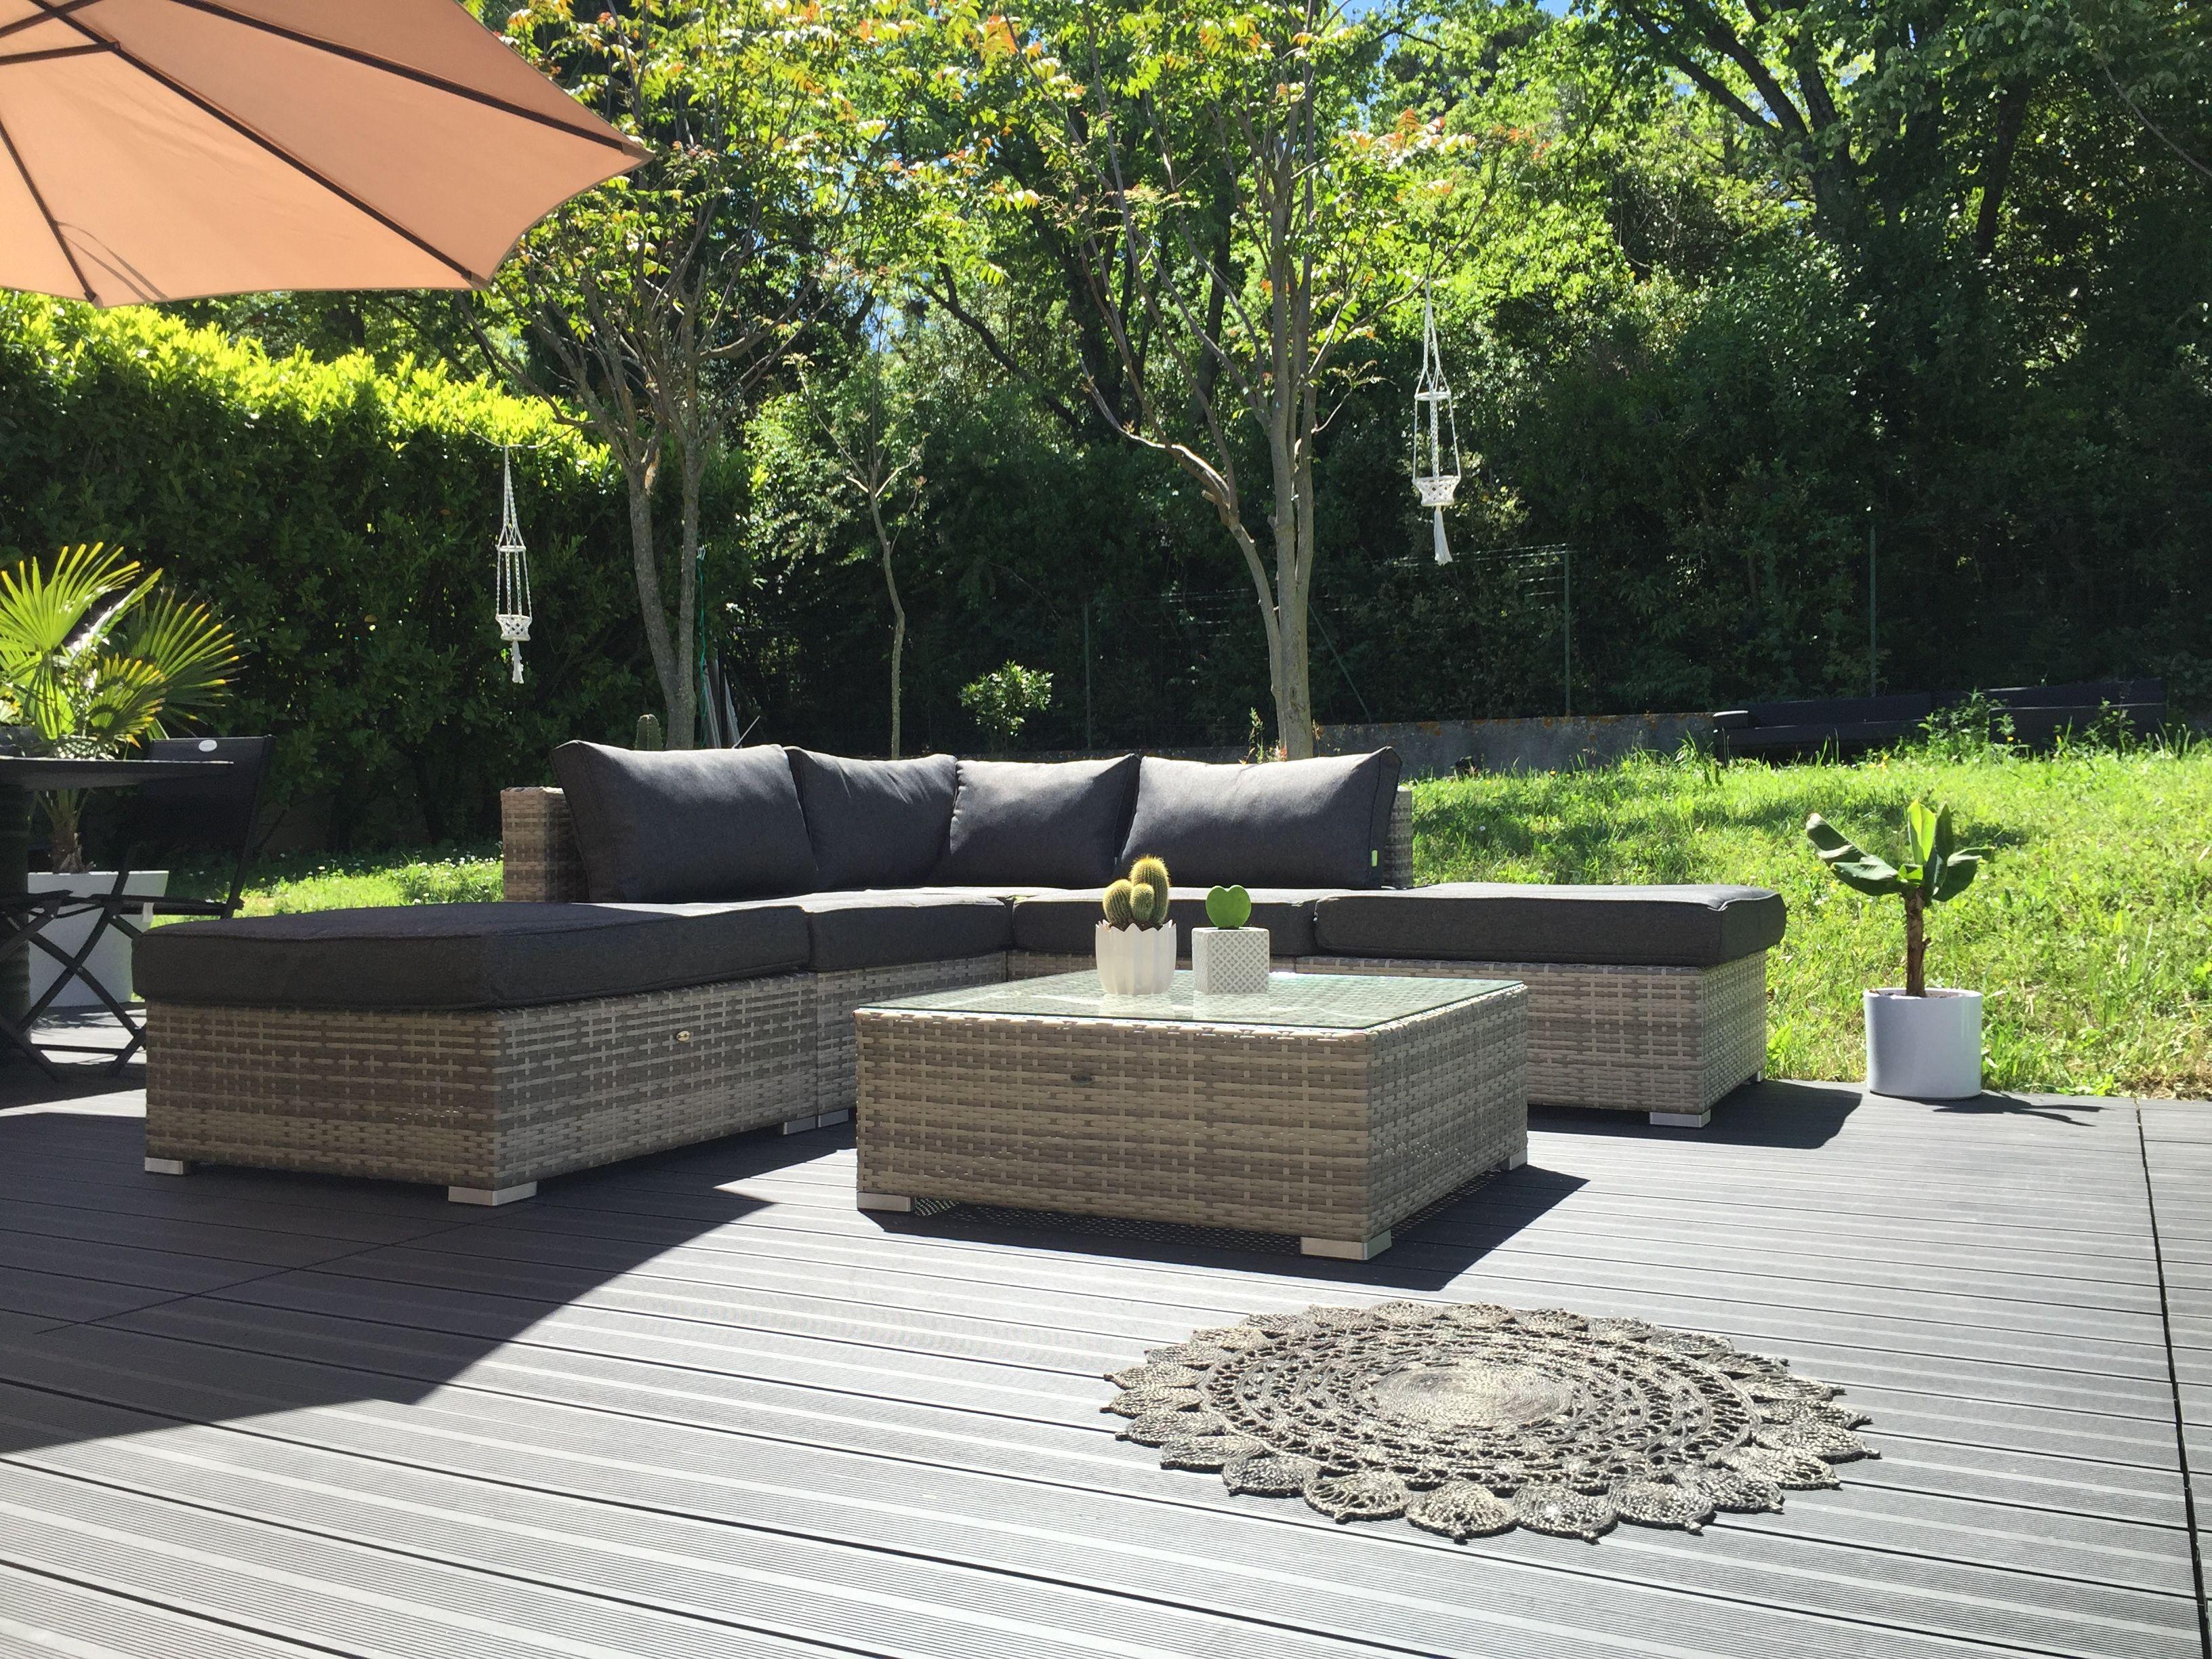 Milano: Salon De Jardin 7 Places En Résine Tressée #Jardin pour Salon De Jardin Modulable Jade